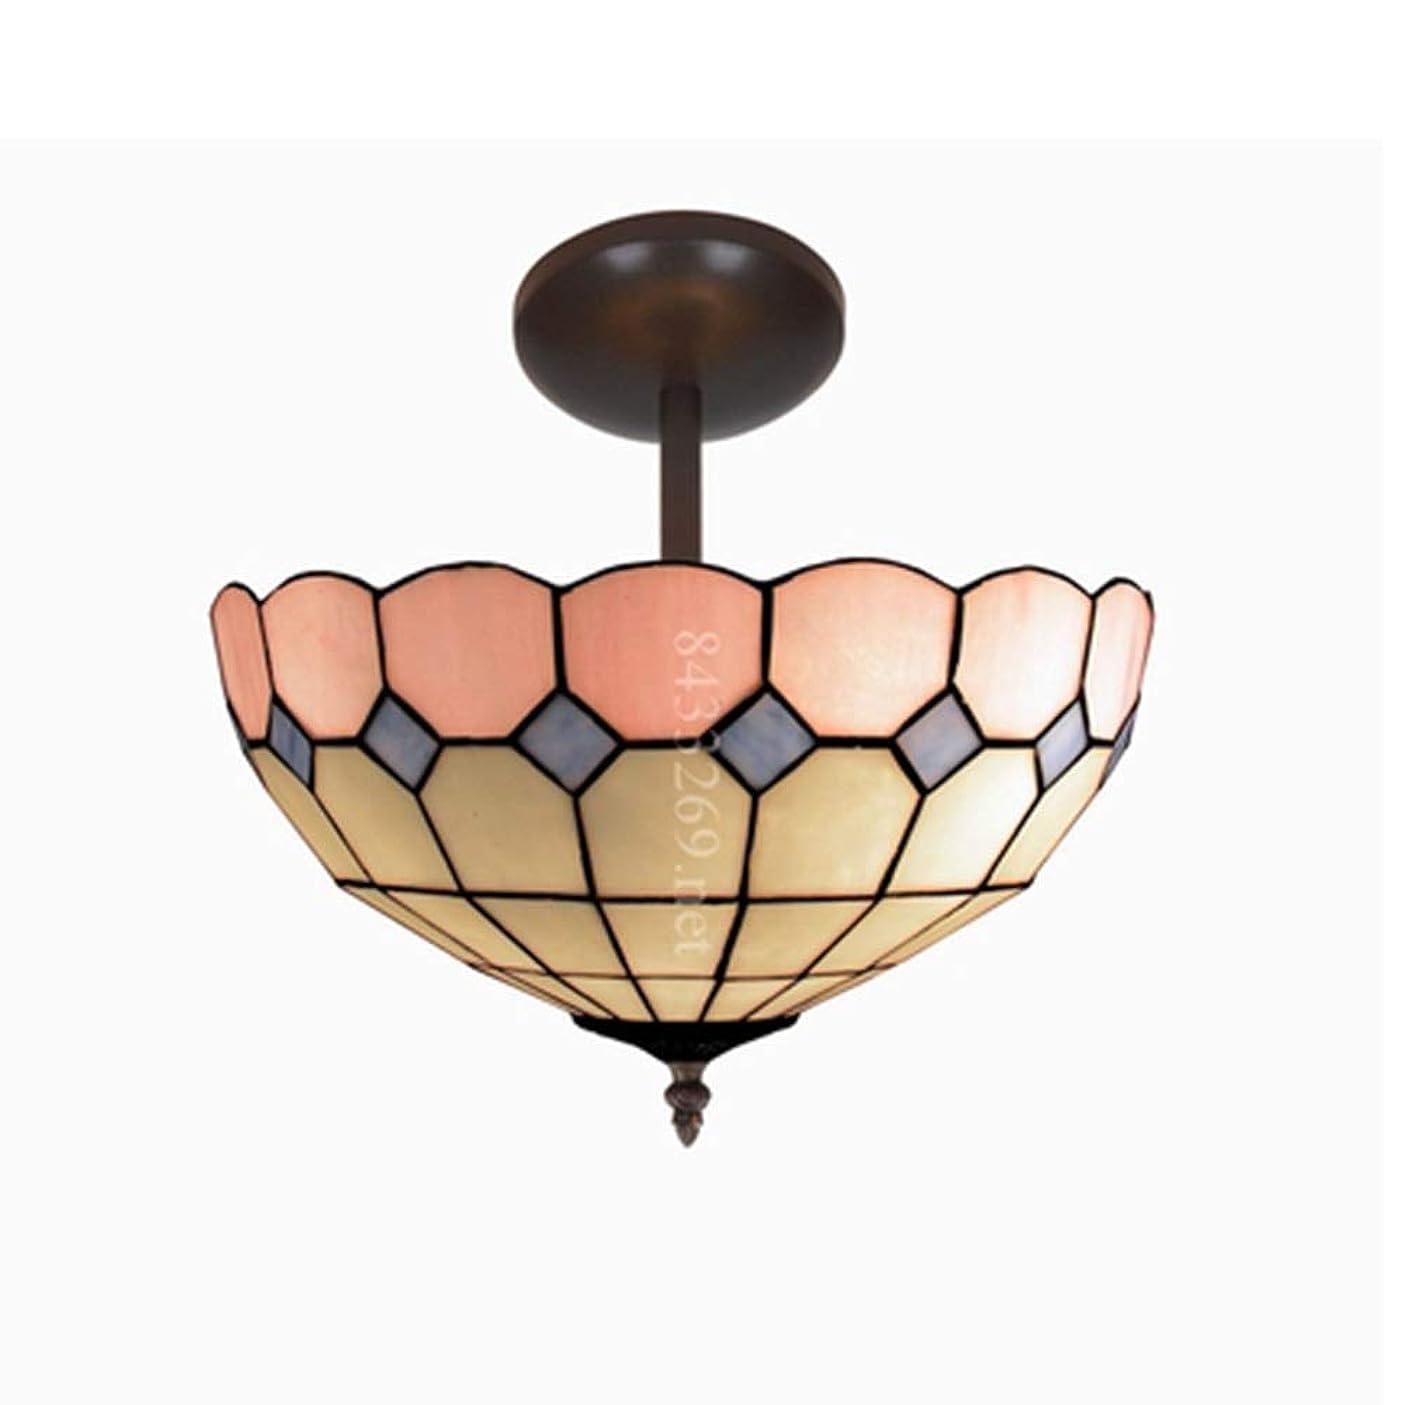 イブニング革新ビュッフェ手作りアートライト、ホームデコレーションティファニースタイル花天井ランプ